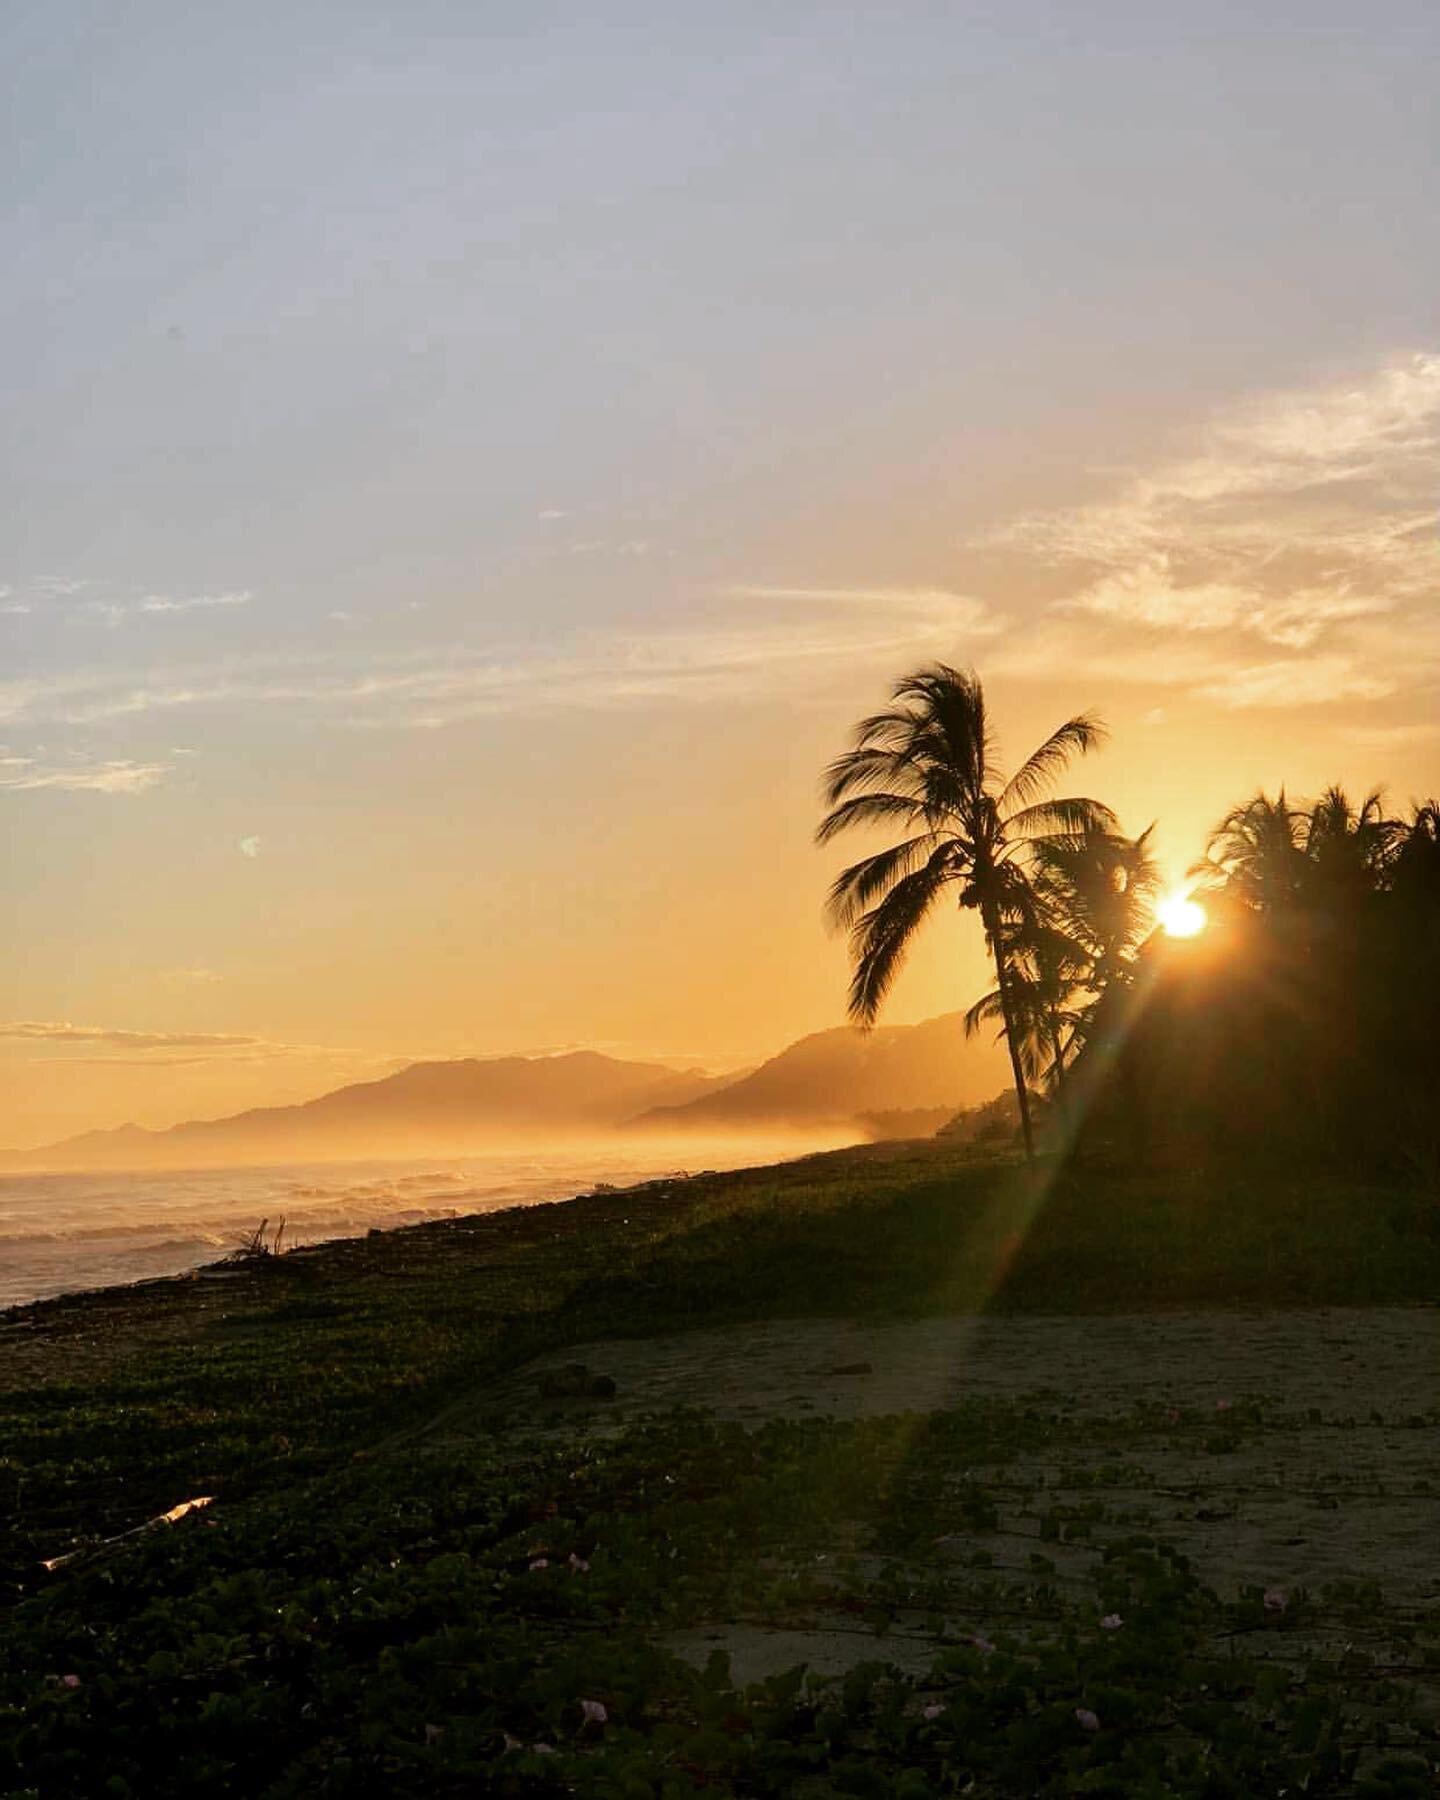 Amanecer con gratitud todos los días de la vida... gratitude is the best attitude everyday 💫 . . 📸 @andieriano  . . #gitanadelmar #naturehotel #beachfront #amanecer #sunrise #gratitudinfinita #blessedlife #sierranevadadesantamarta #colombia